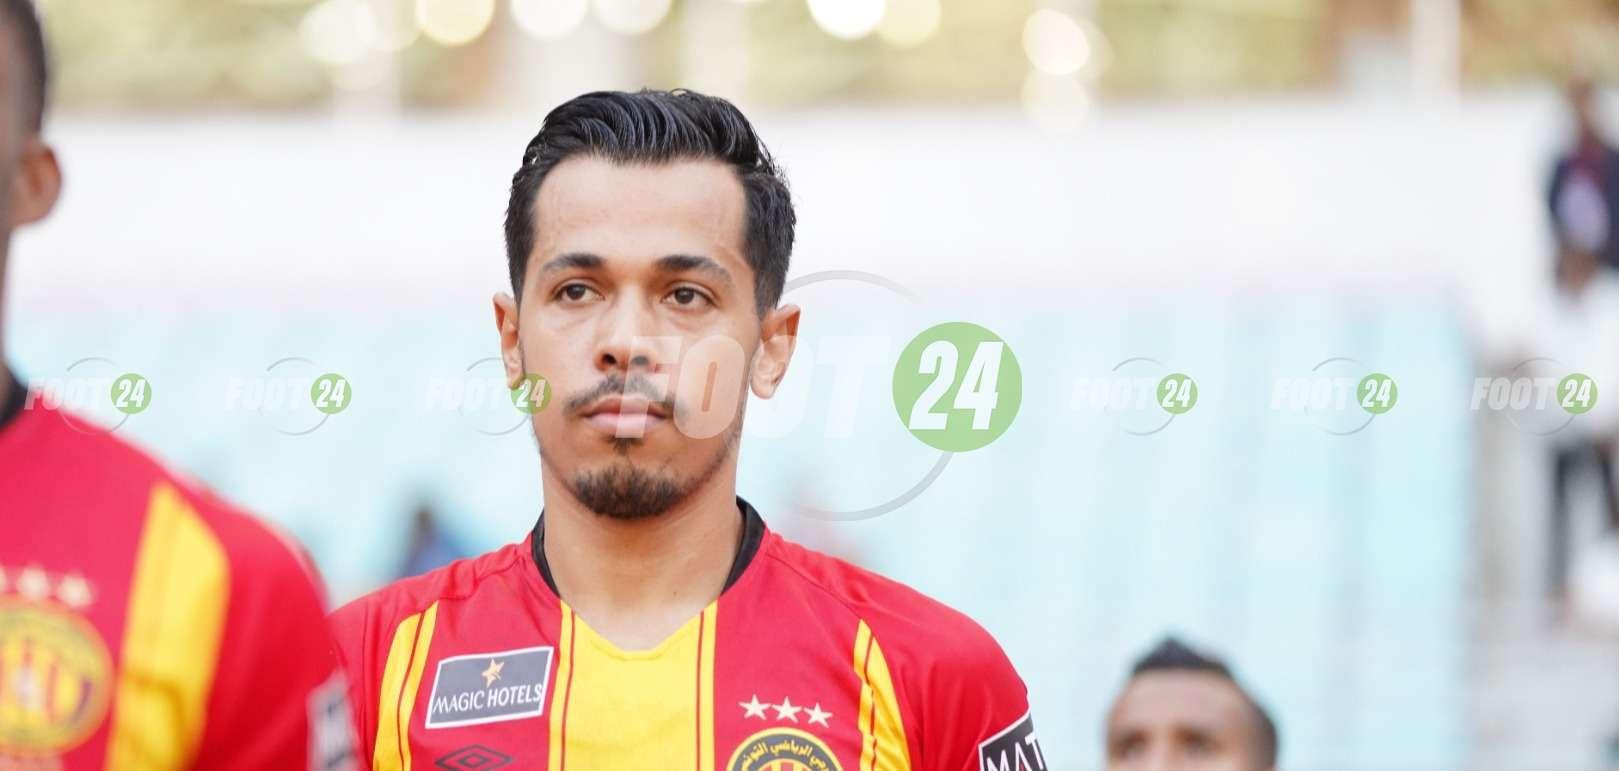 رشاد العرفاوي: مباراة النادي الصفاقسي فرصة لتعويض الهزيمة الاخيرة